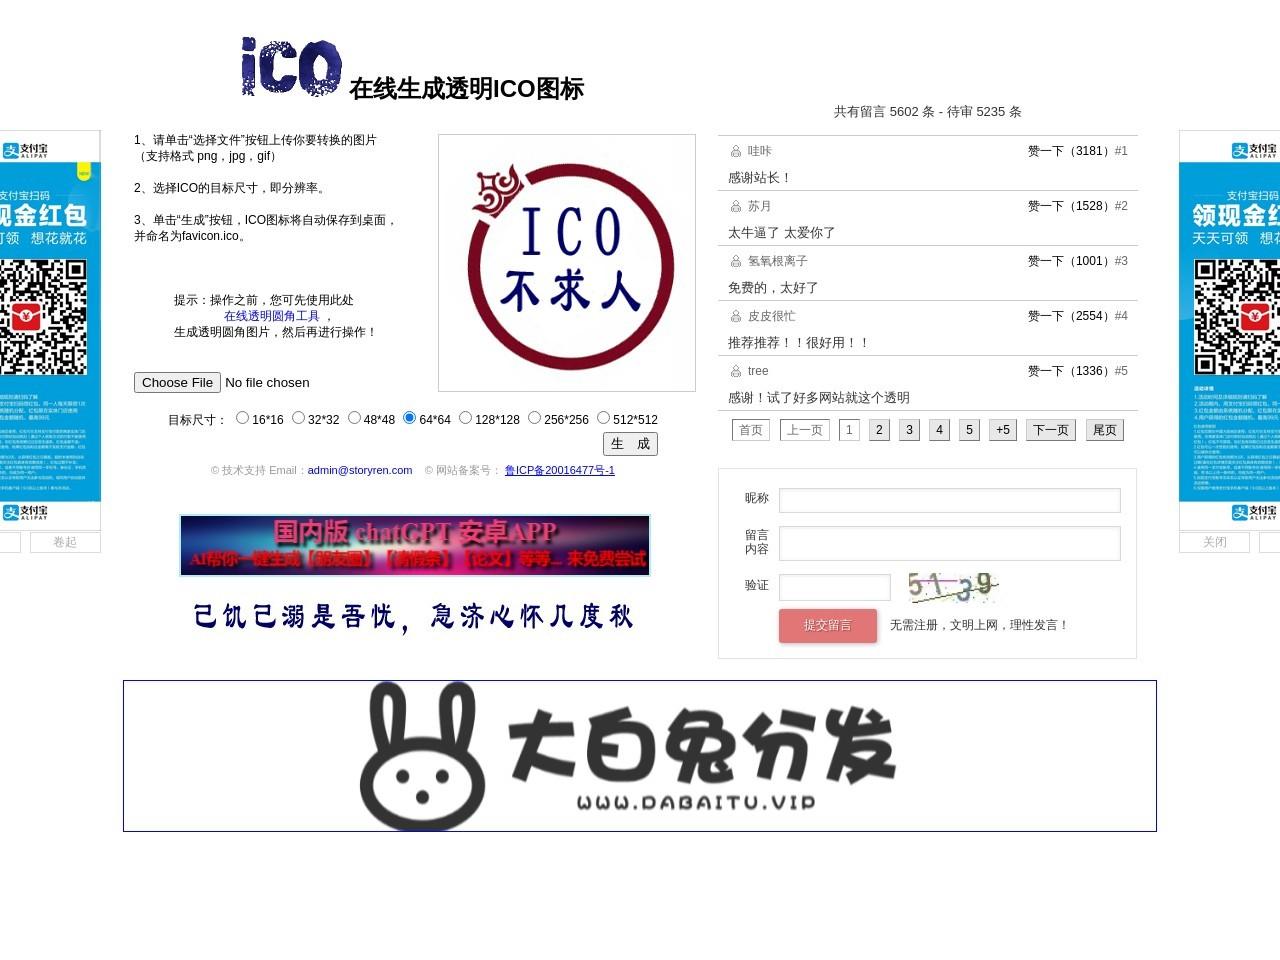 在线生成透明ICO图标——ICO图标制作